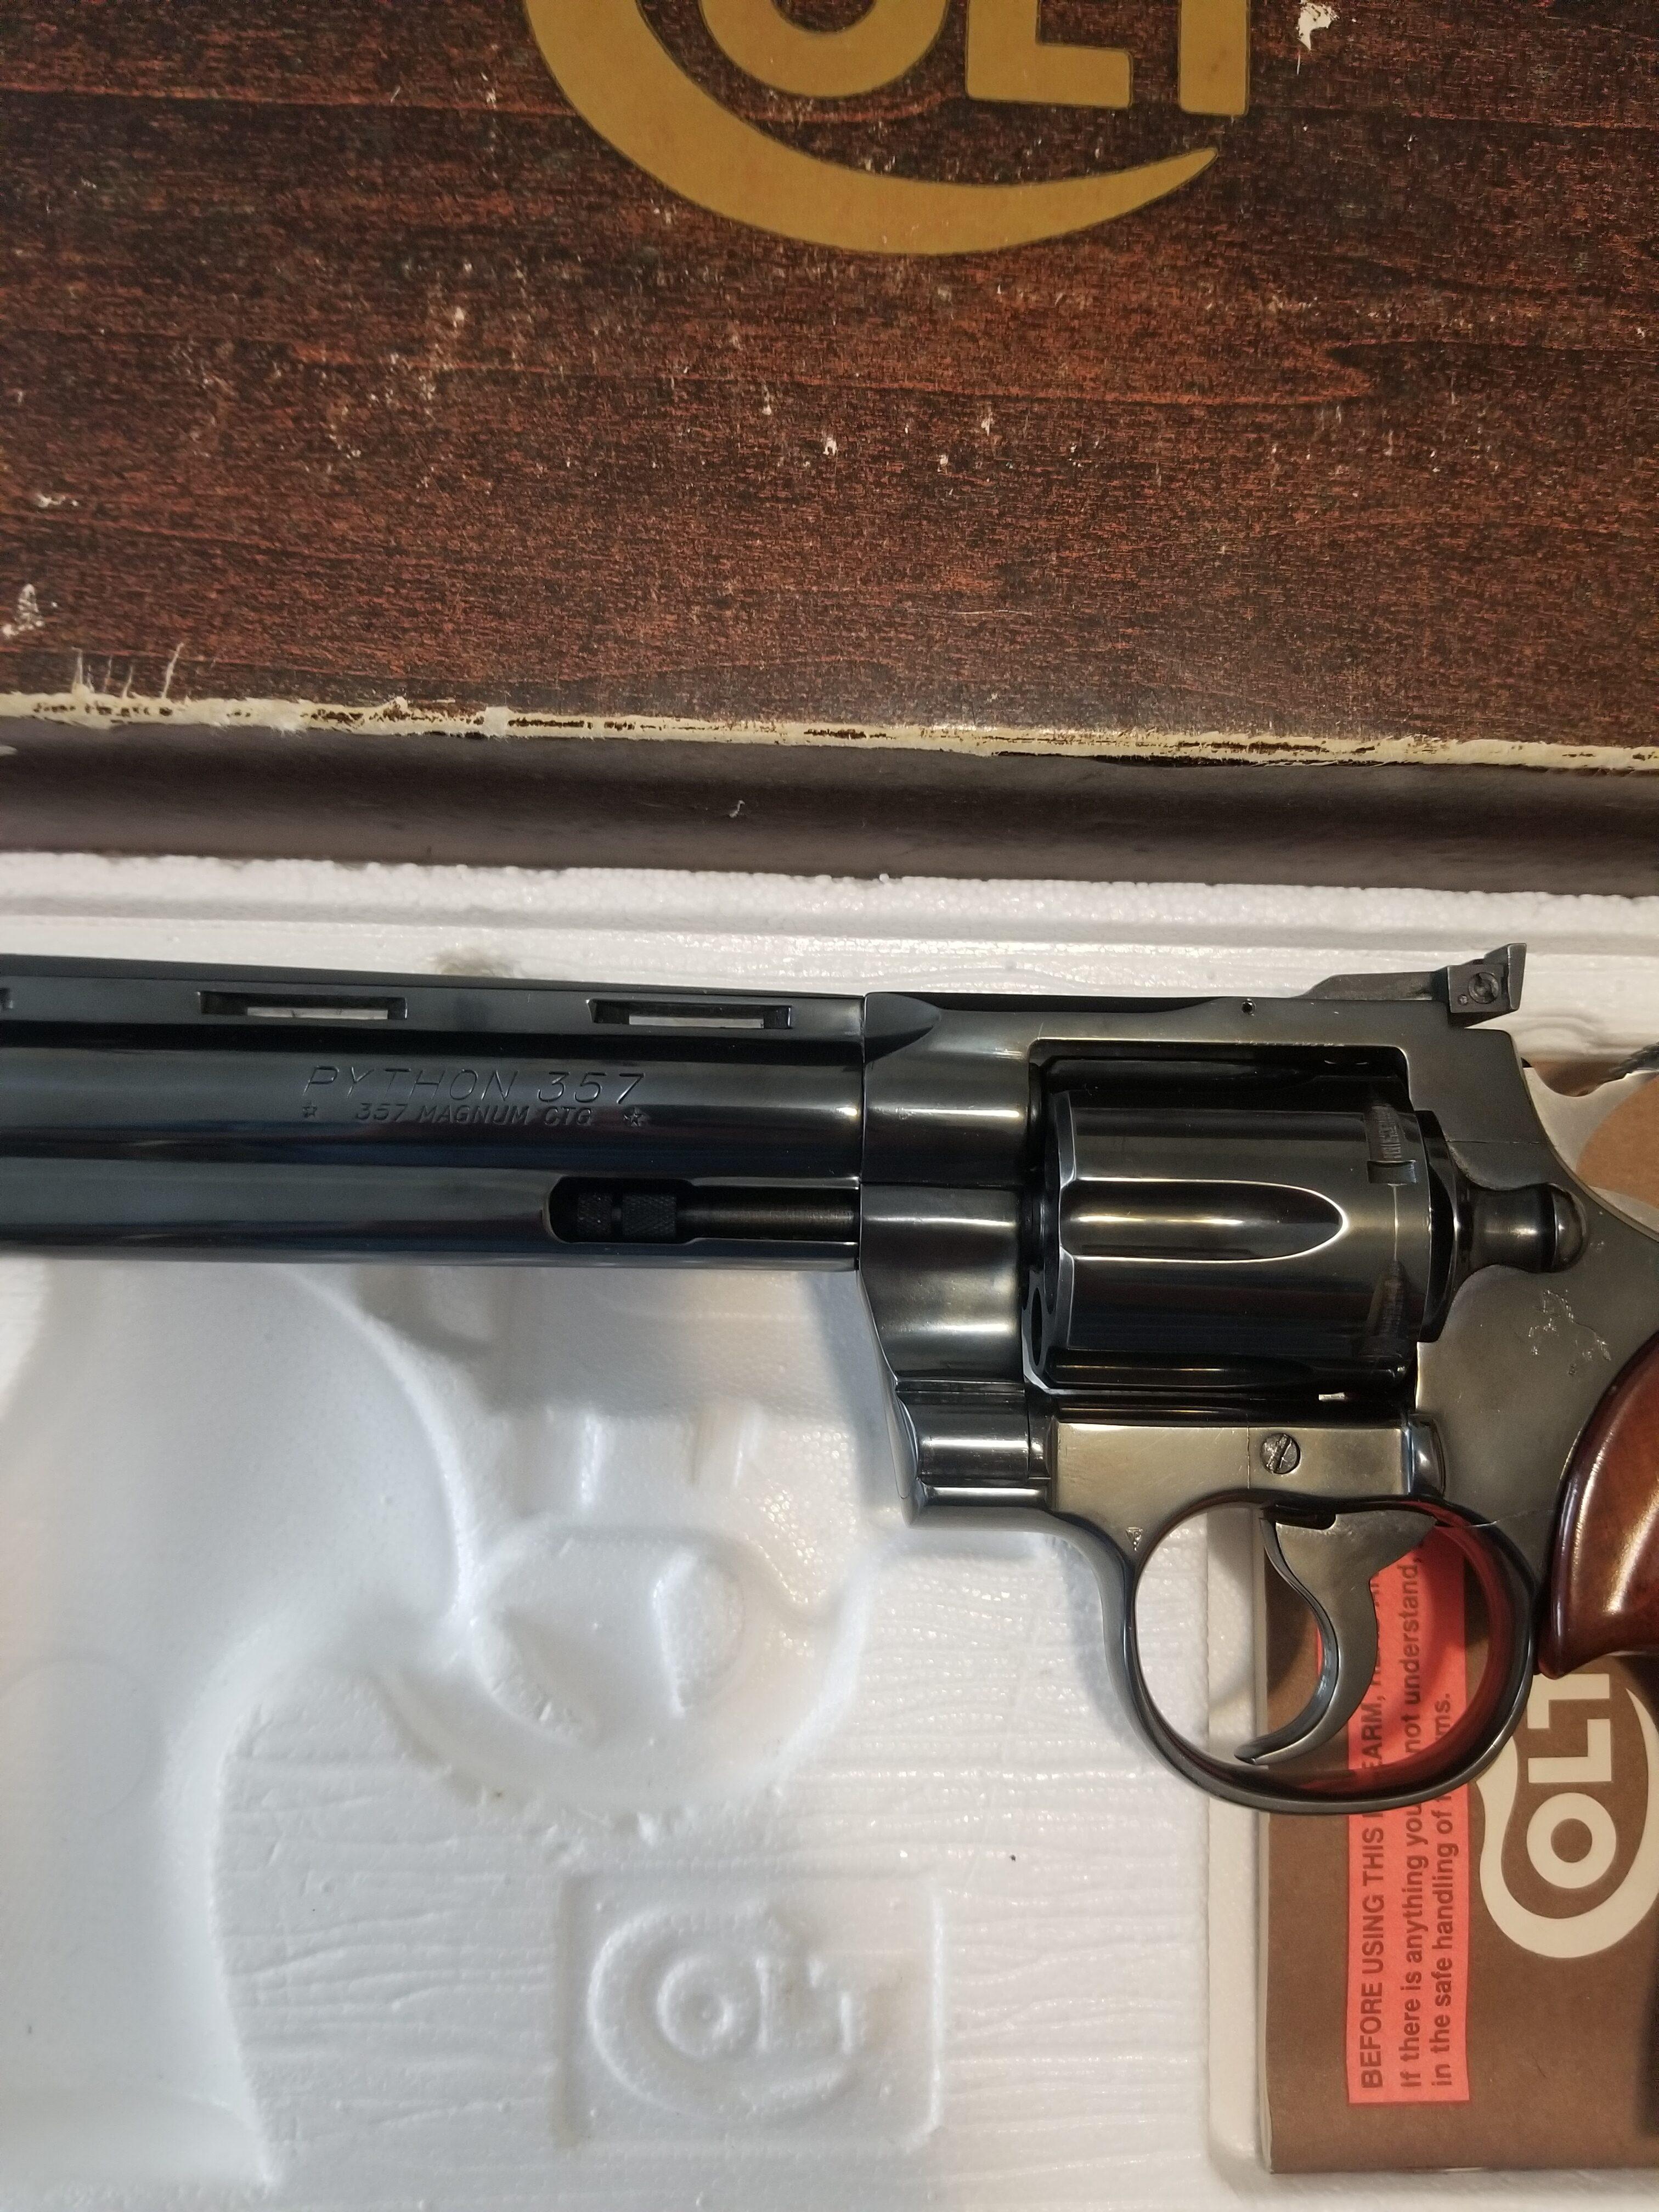 Colt Python .357 Magnum Blued 6in Barrel